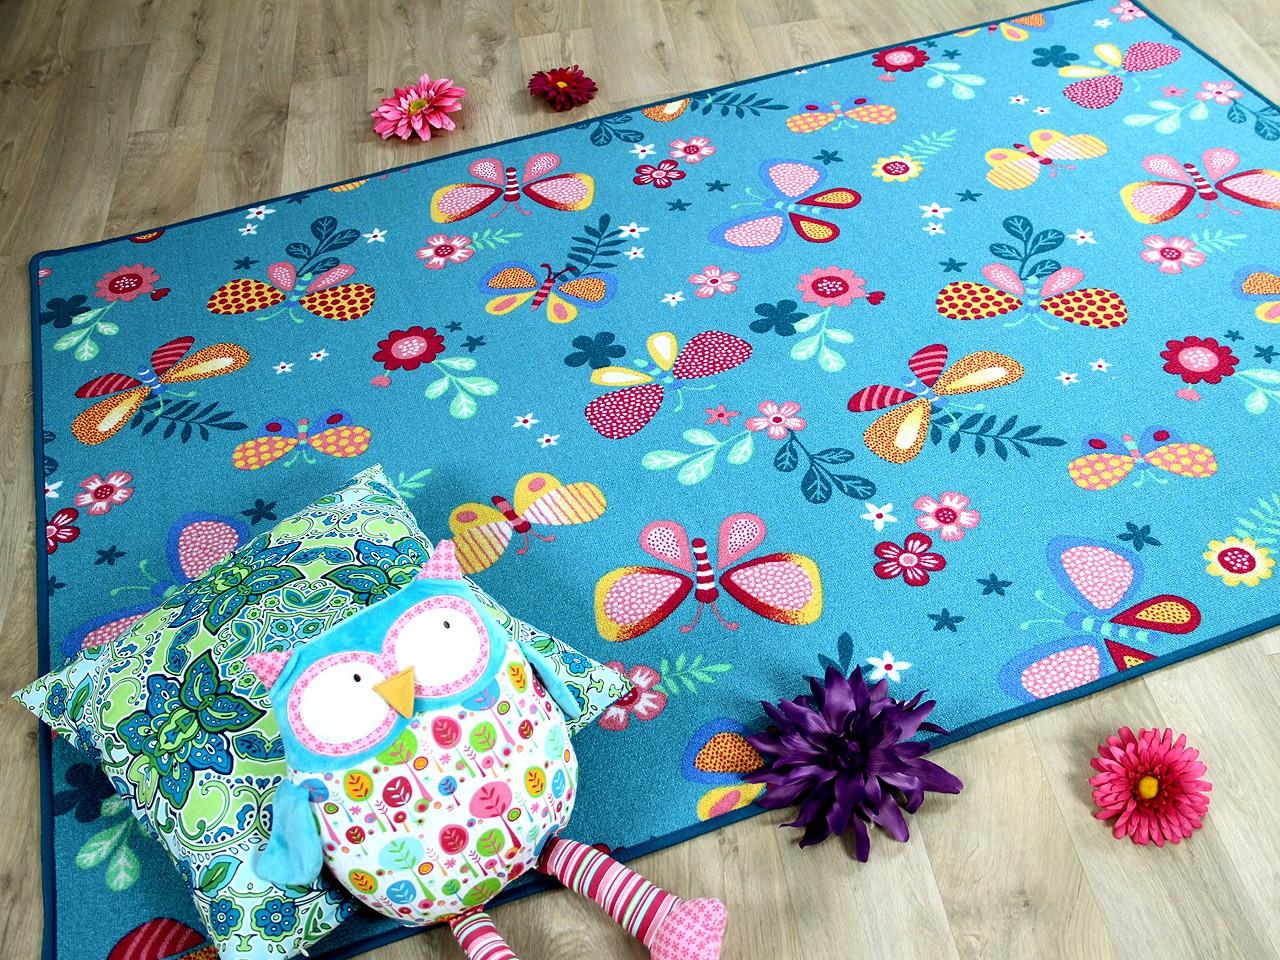 Kinder Spiel Teppich Schmetterling Turkis Kaufen Bei Teppichversand24